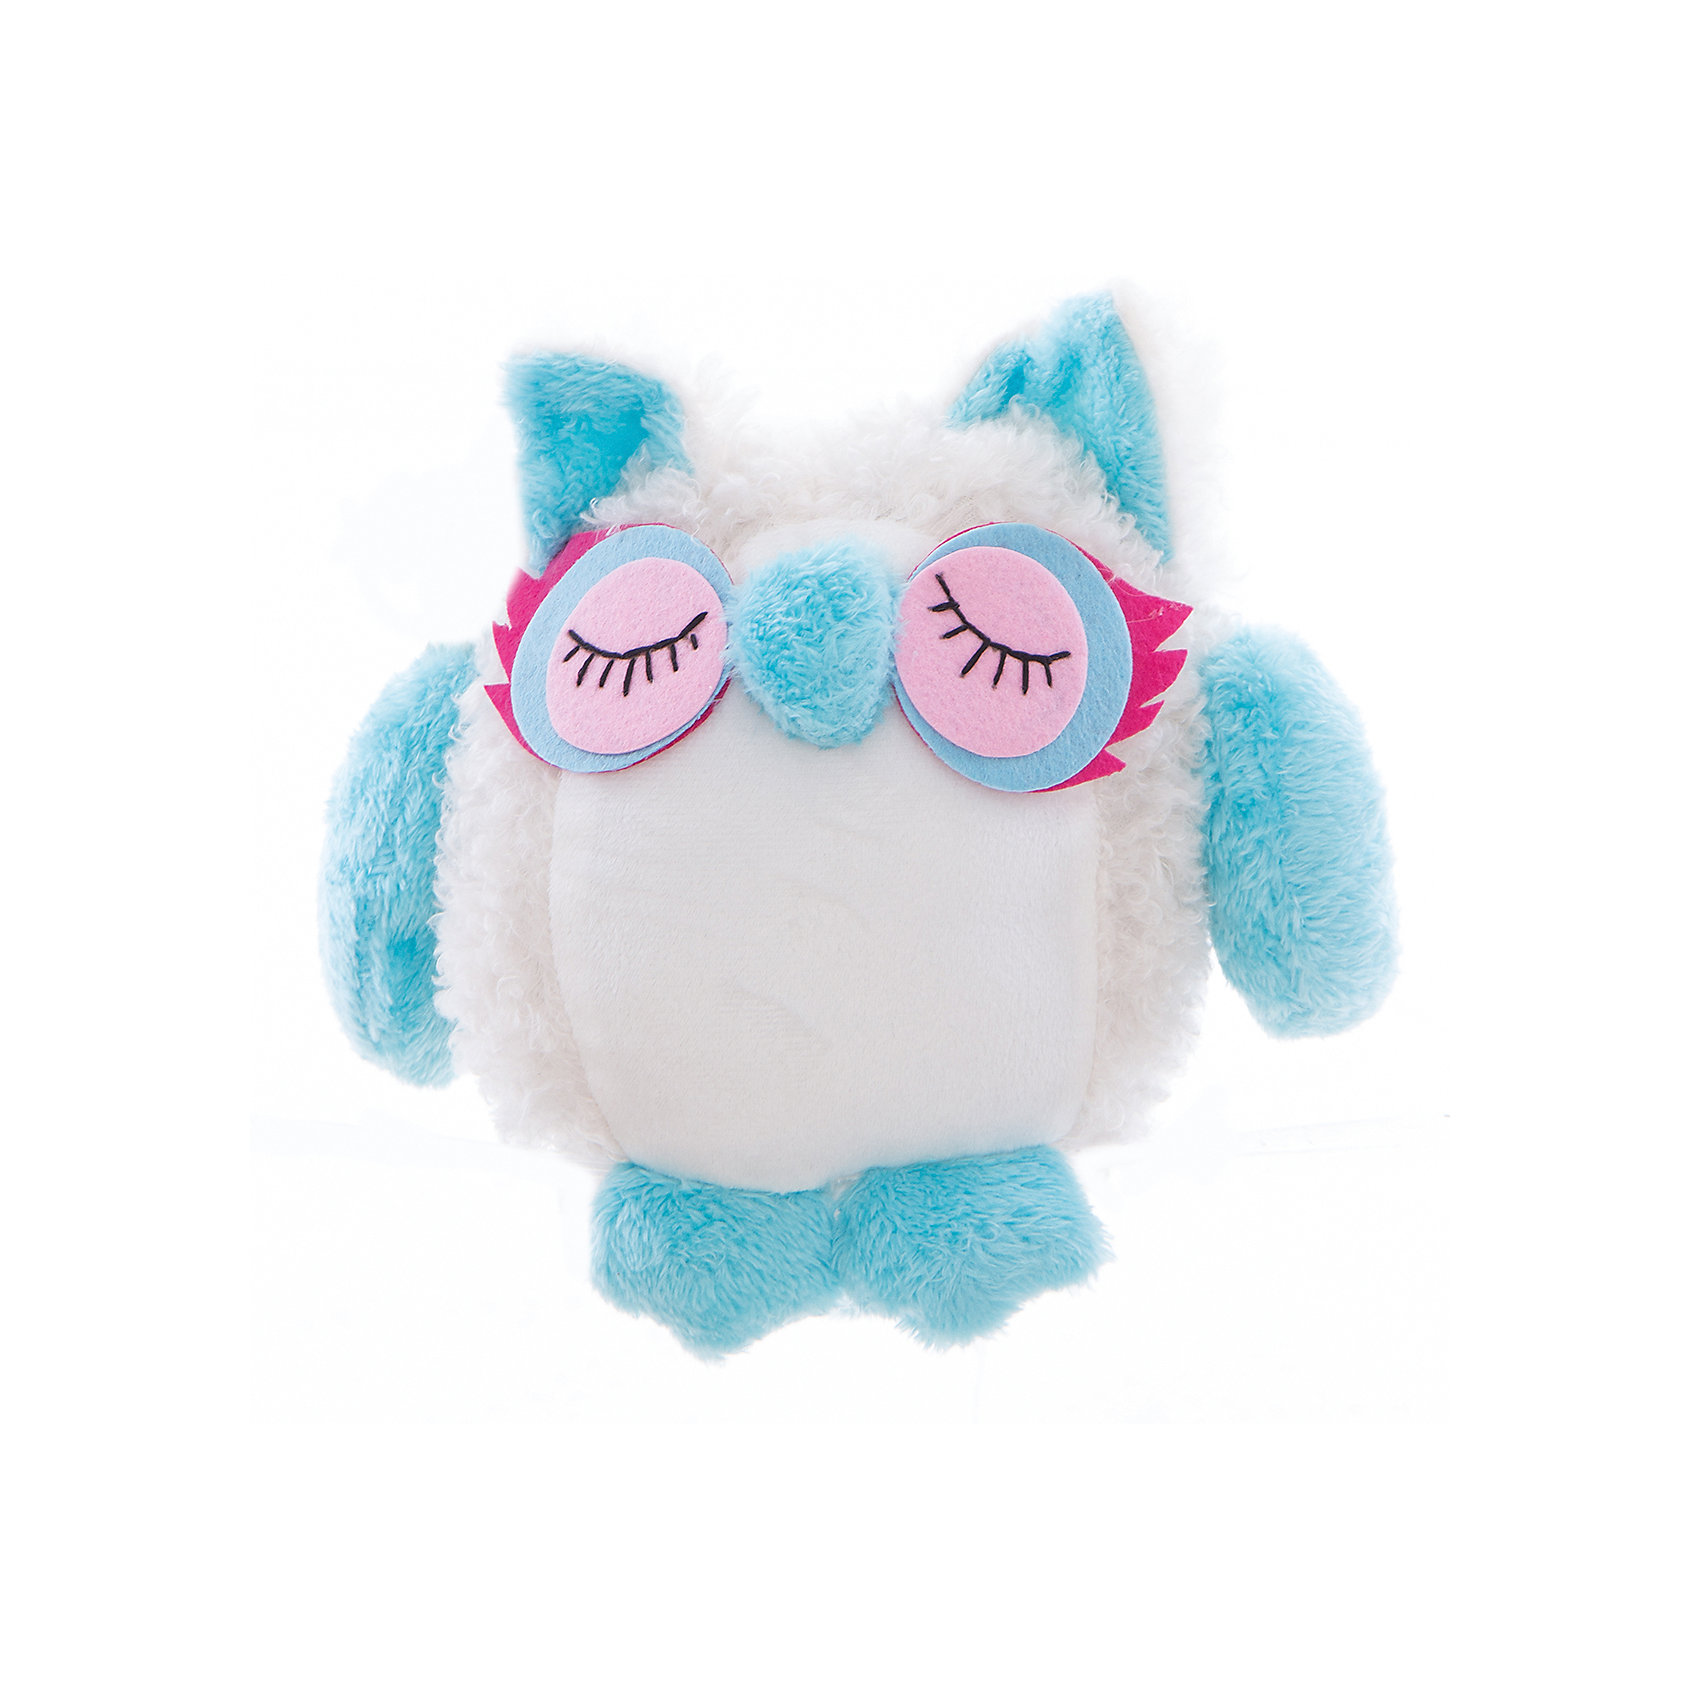 Интерьерная кукла Совушка C21-106013, EstroХарактеристики интерьерной куклы:<br><br>- размеры: 25*12*8 см. <br>- тип игрушки: животные, мягкая игрушка<br>- персонаж: сова<br>- вид упаковки: коробка<br>- возрастные ограничения: 3+<br>- комплектация: игрушка <br>- состав: полиэстер, полиэфир<br>- материал изготовления: высококачественный пластик, полиэстер, ткань<br>- стиль: классический, прованс<br>- бренд: Estro <br>- страна бренда: Италия<br>- страна производитель: Китай<br><br>Спящий совенок итальянской торговой марки Estro будет Вам и Вашим детям прекрасным спутником во время сна. Совенок выполнен в виде мягкой игрушки и его так приятно брать с собой в кровать. Игрушка изготовлена из качественных материалов приятной расцветки. Ее внешний вид продуман до мелочей. Совенок окрашен в фиолетовый, салатовый цвет. <br><br>Интерьерную куклу сова итальянской торговой марки Estro можно купить в нашем интернет-магазине.<br><br>Ширина мм: 200<br>Глубина мм: 200<br>Высота мм: 250<br>Вес г: 162<br>Возраст от месяцев: 36<br>Возраст до месяцев: 1188<br>Пол: Женский<br>Возраст: Детский<br>SKU: 5356633